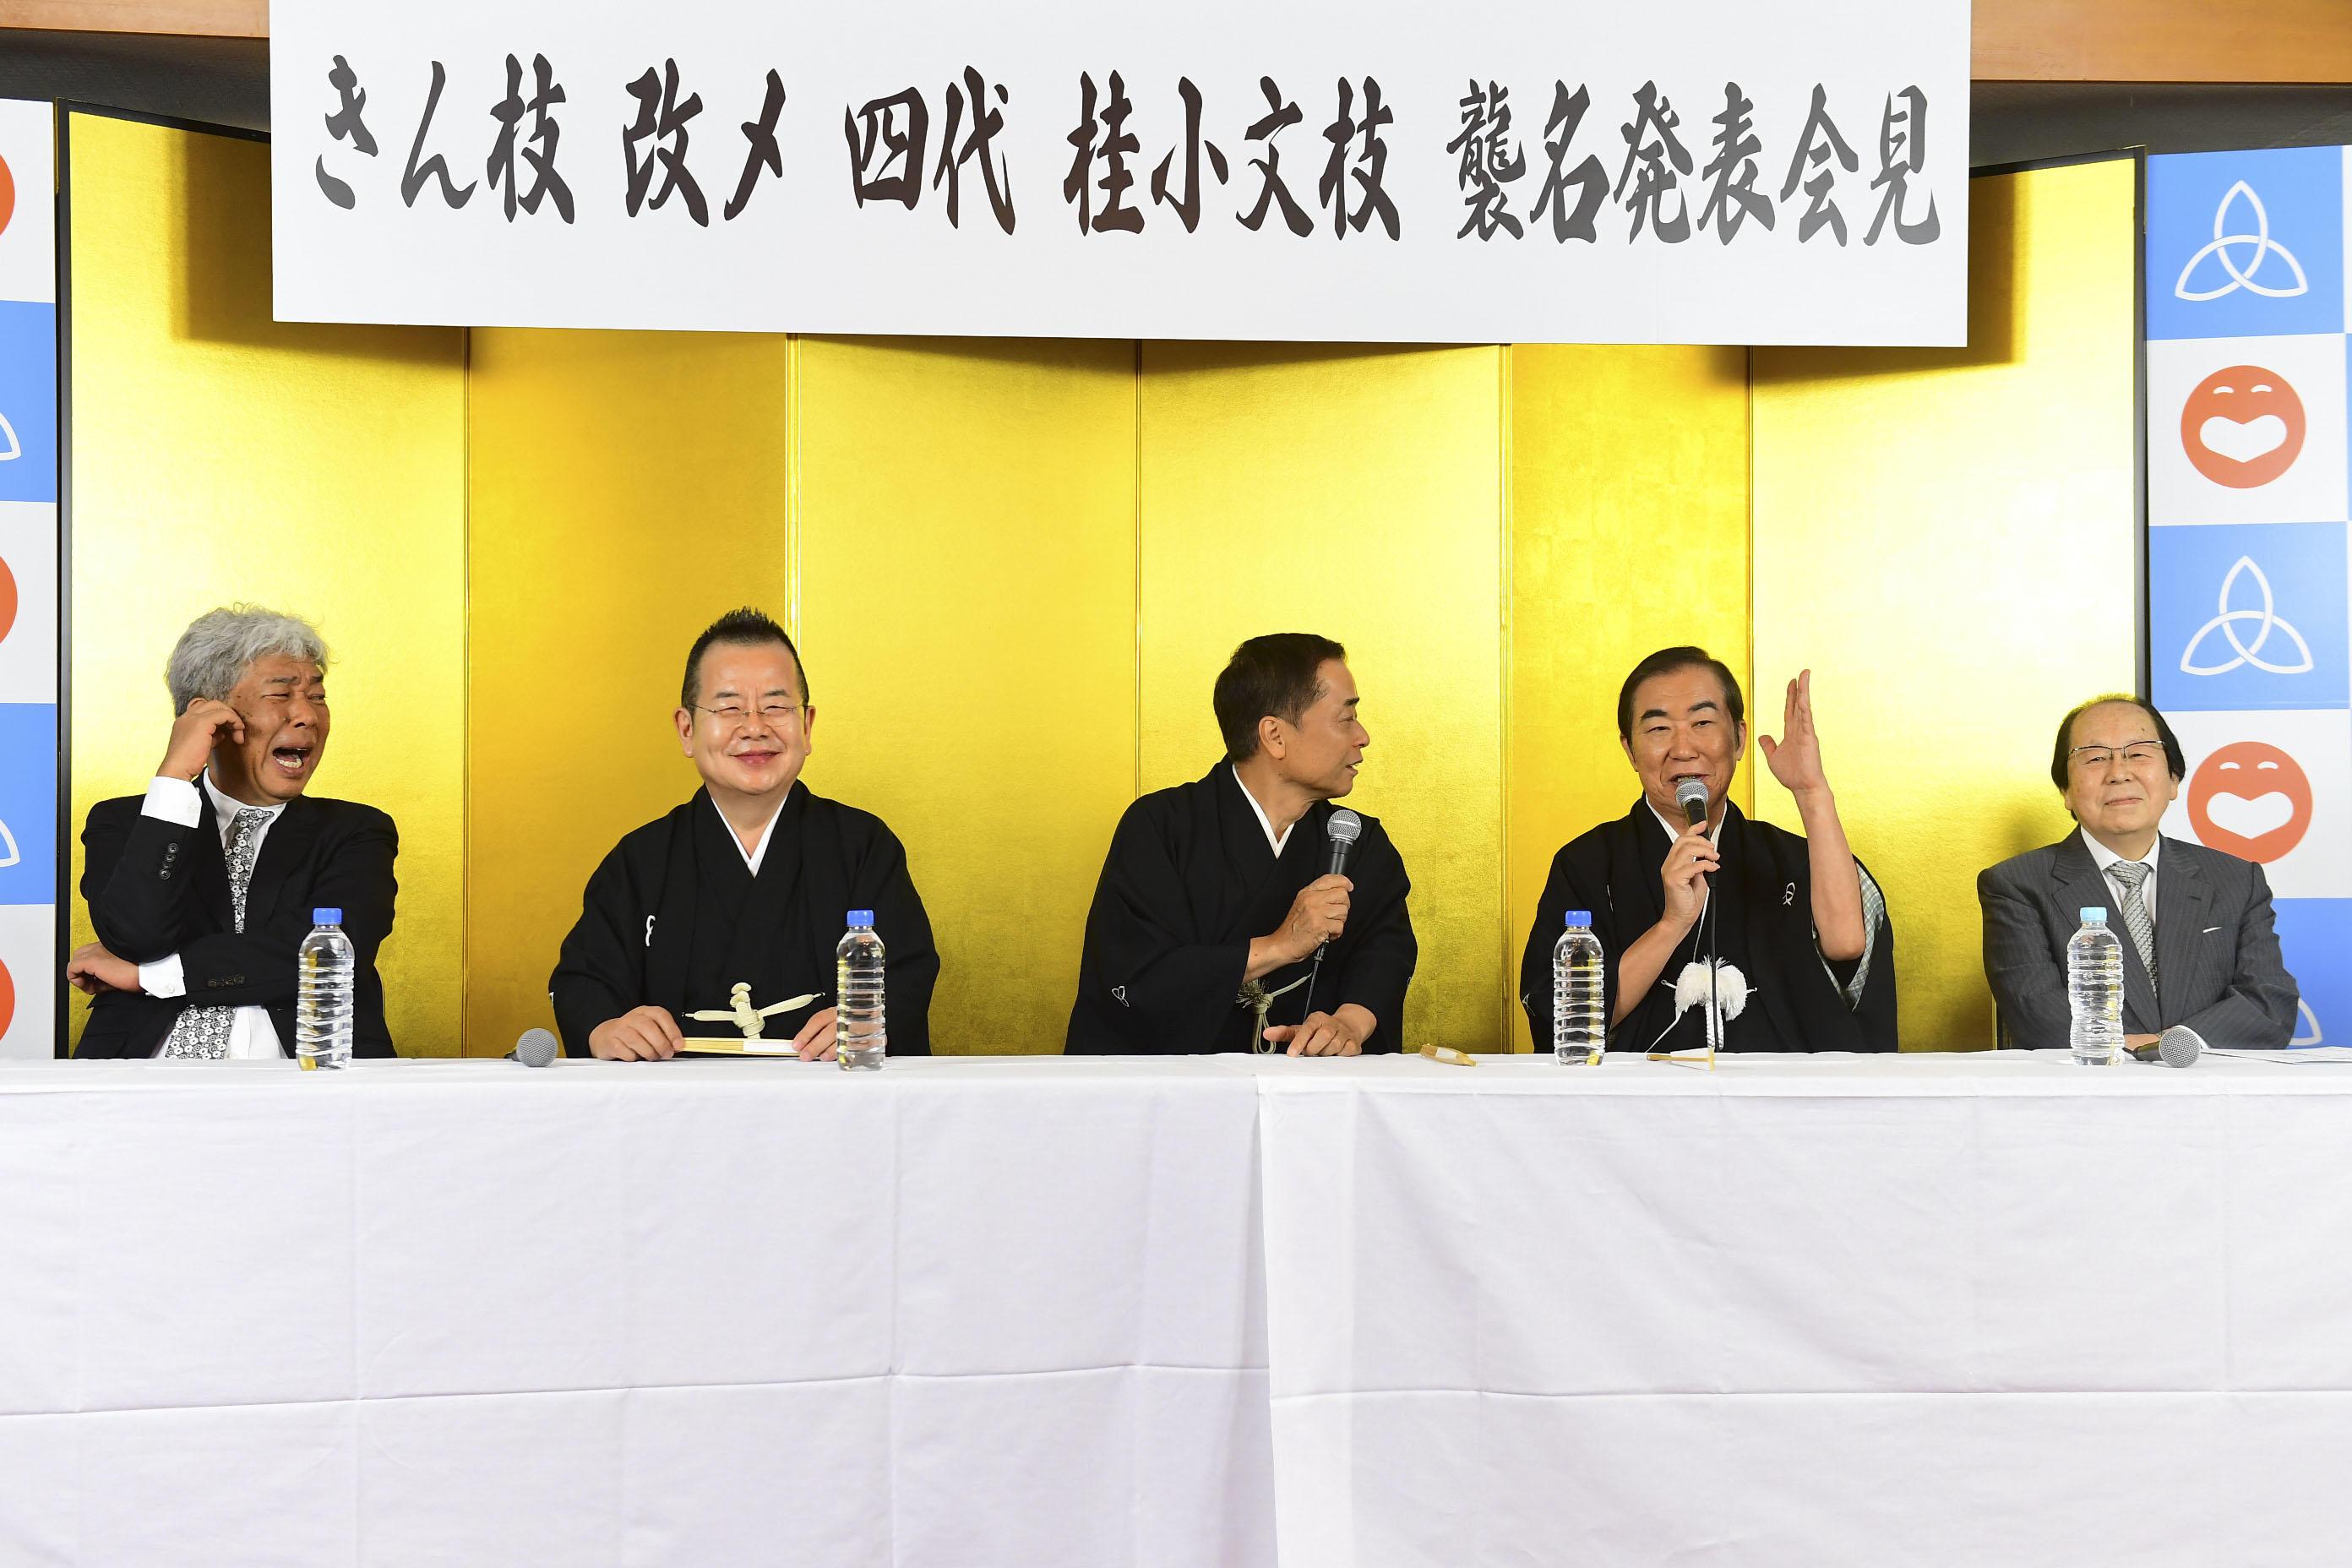 http://news.yoshimoto.co.jp/20170904165520-3a8b6f220e61ad0f175b27492793fbebb311307e.jpg